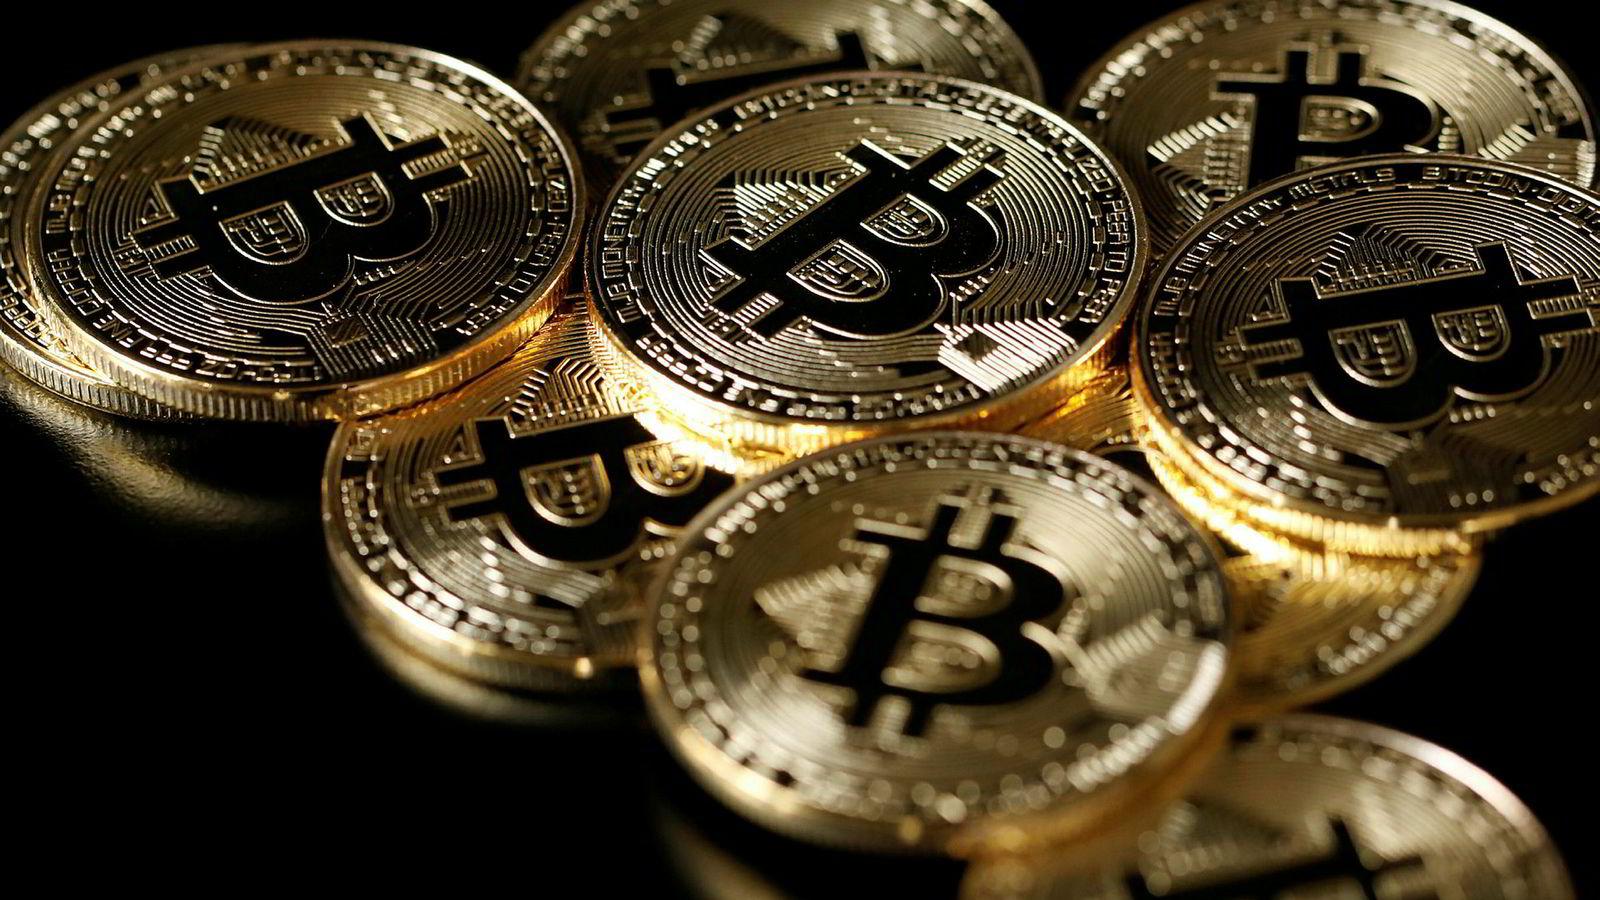 Når flere av verdens største finans- og teknologiselskap utvikler tjenester knyttet til nettopp bitcoin og kryptovaluta, er det noe arrogant å idioterklærte hele sektoren, skriver artikkelforfatteren.